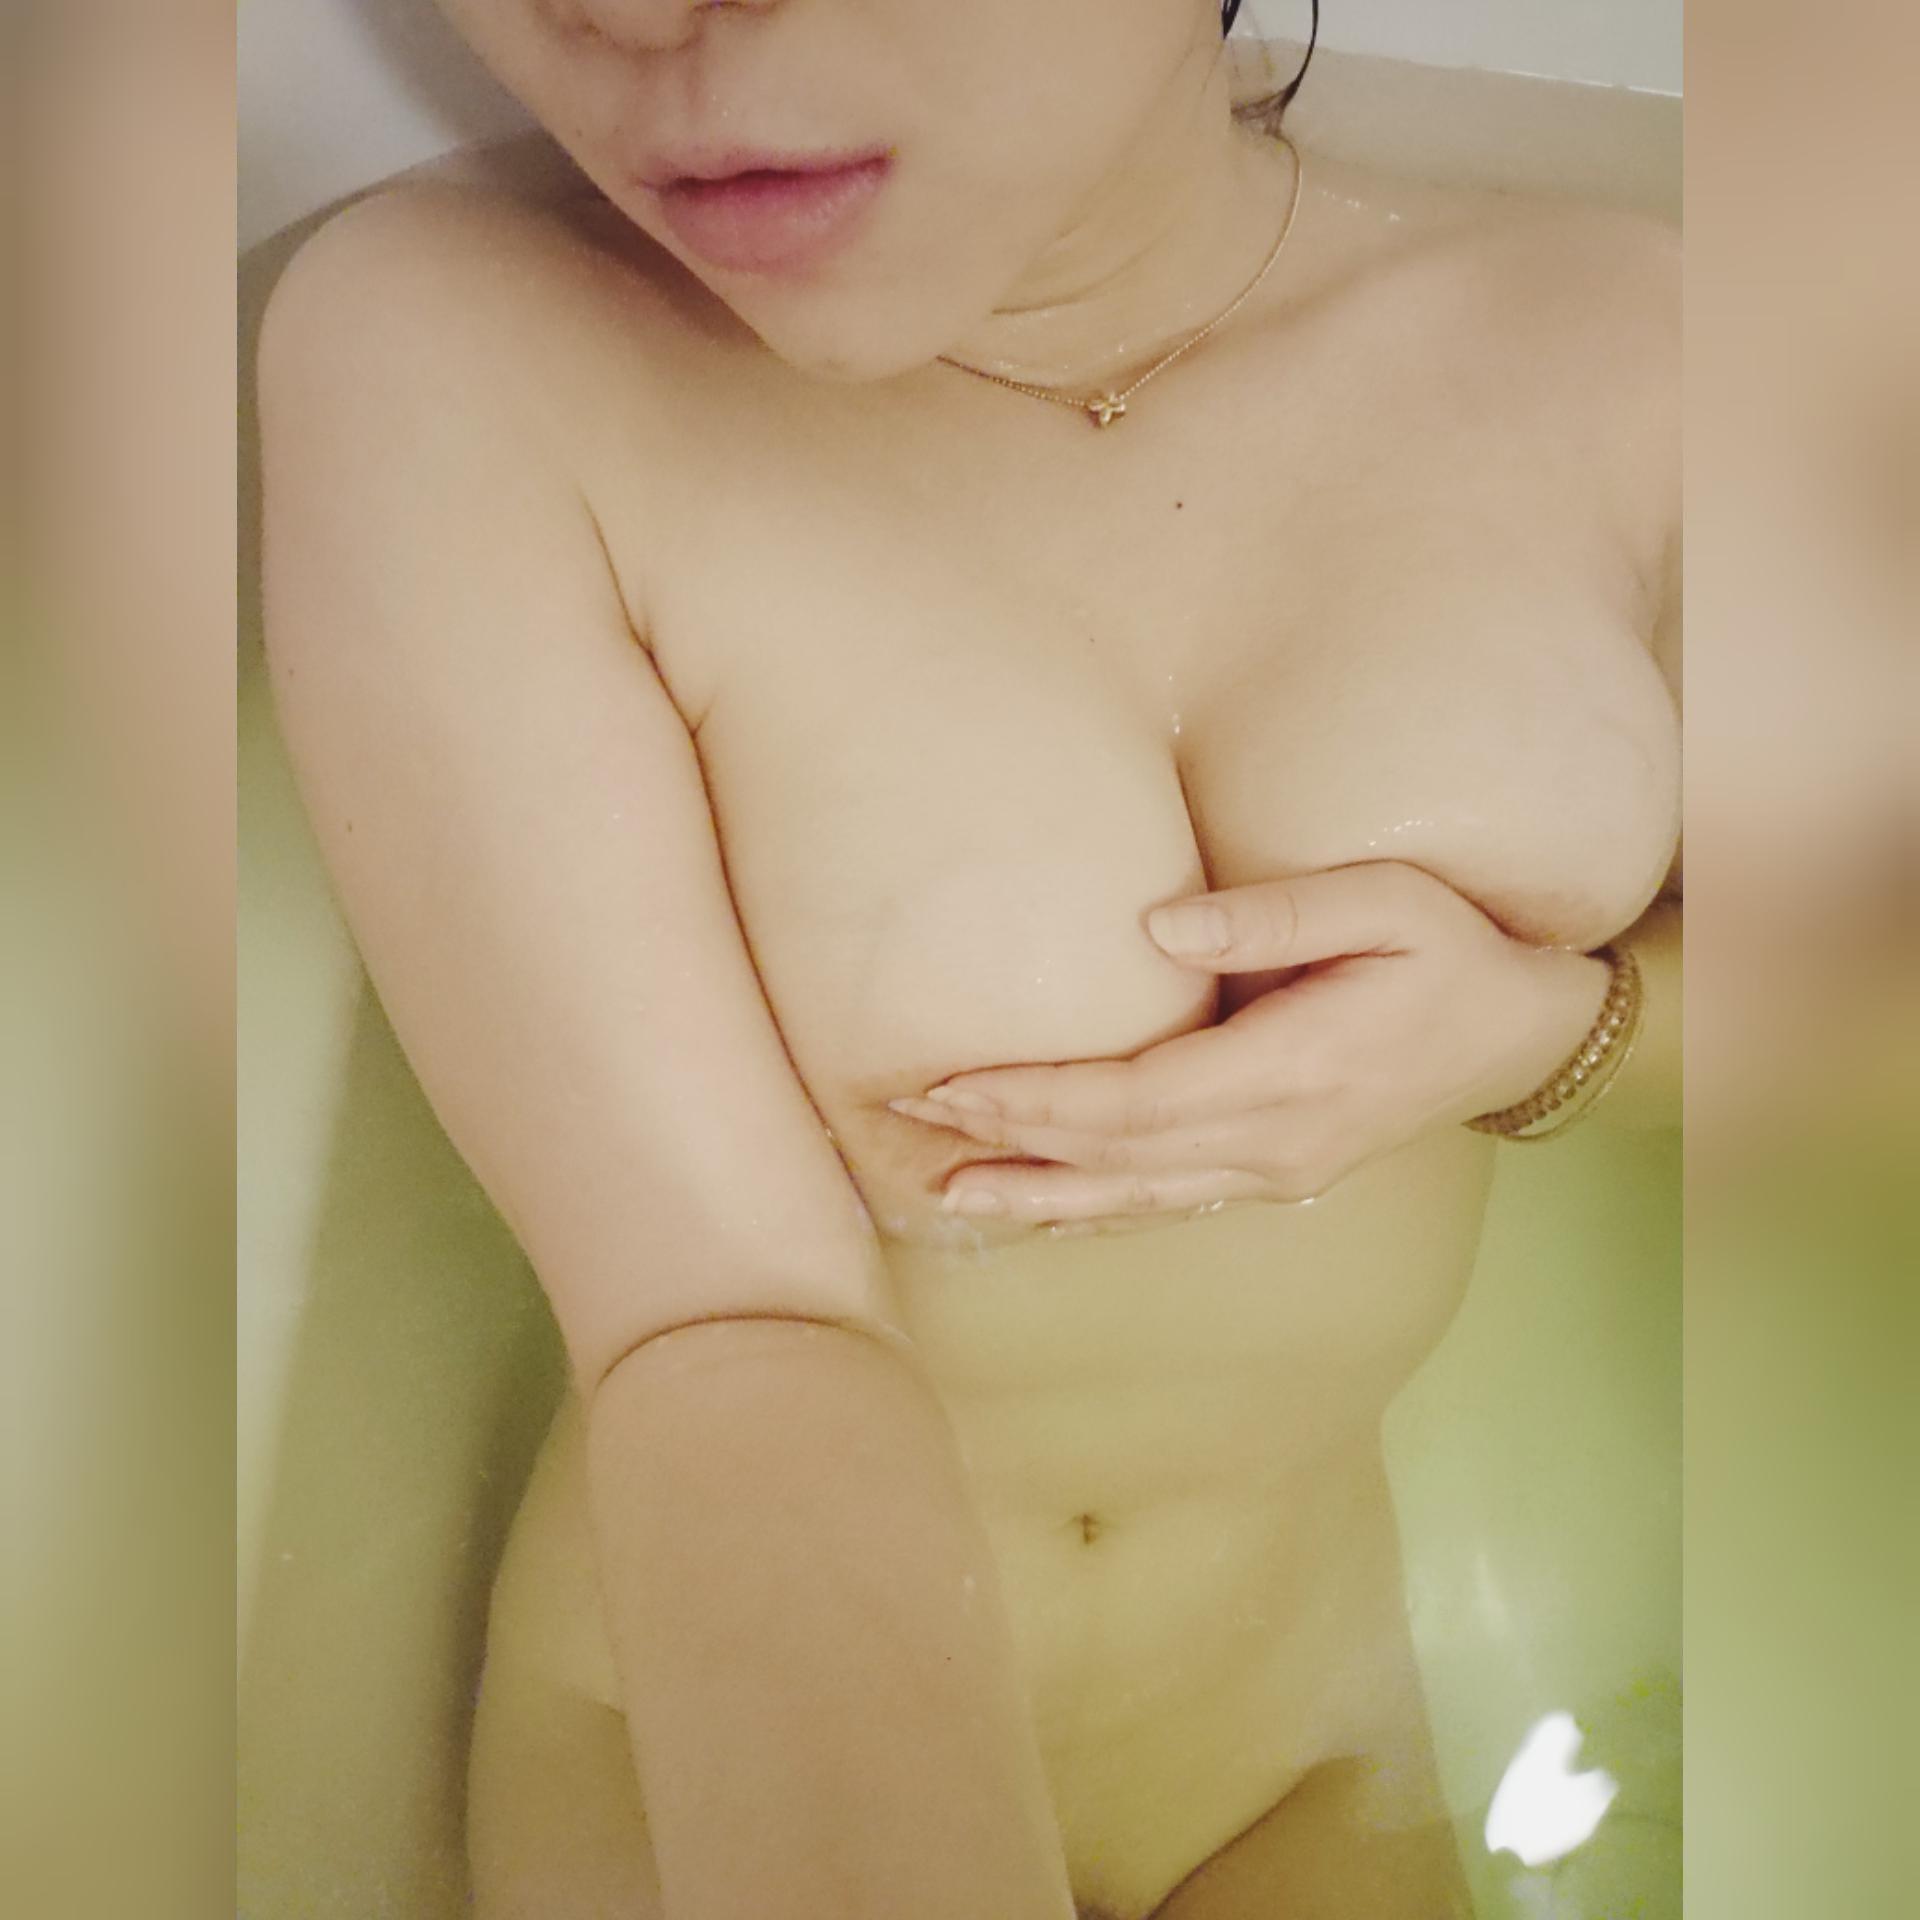 「No69 池原」12/10(12/10) 11:36   池原の写メ・風俗動画